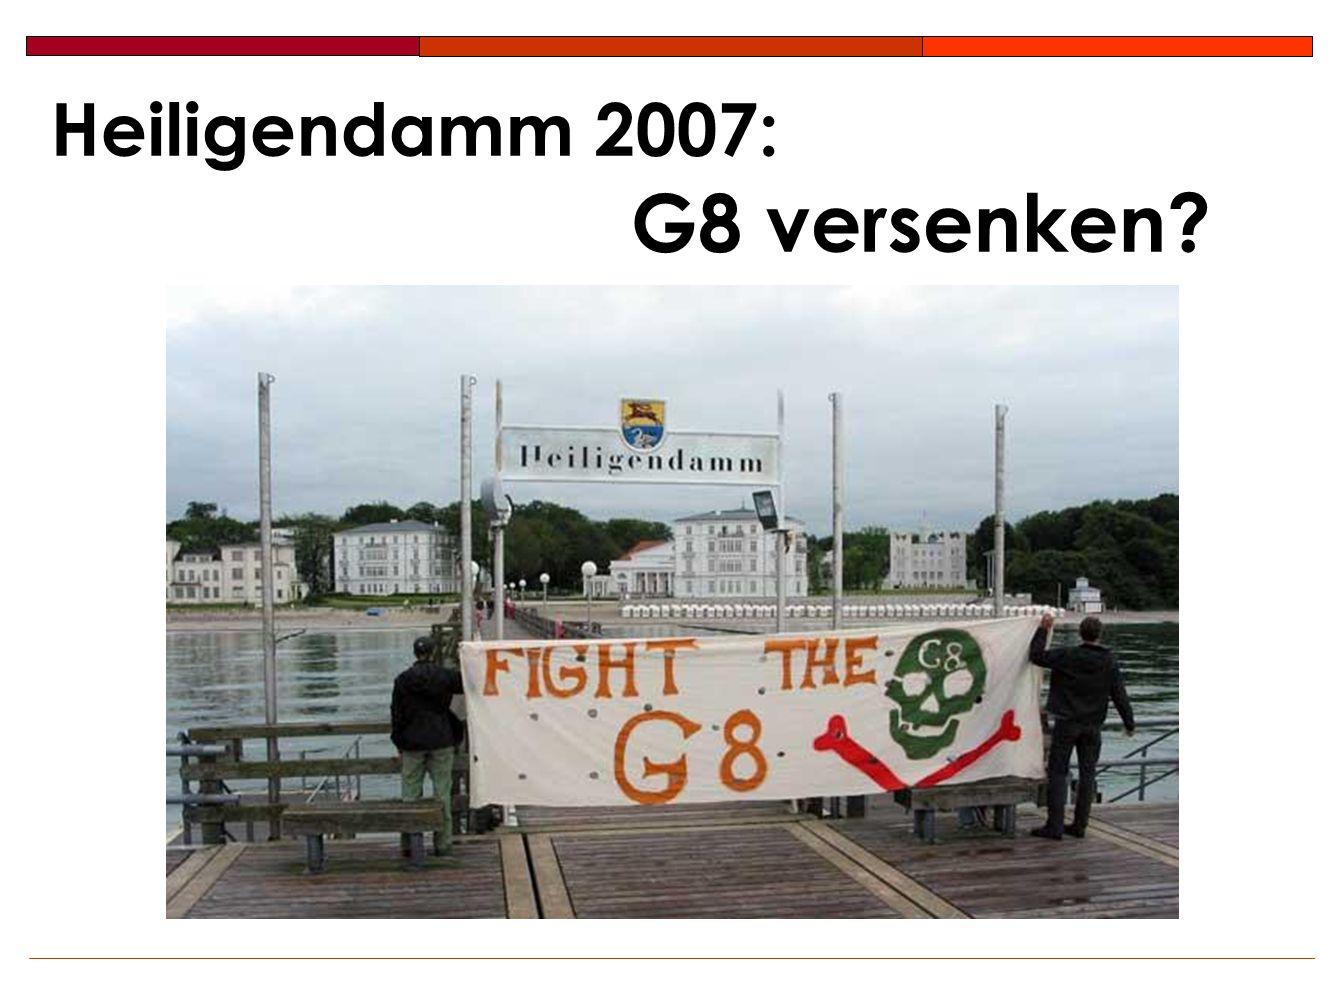 Heiligendamm 2007: G8 versenken